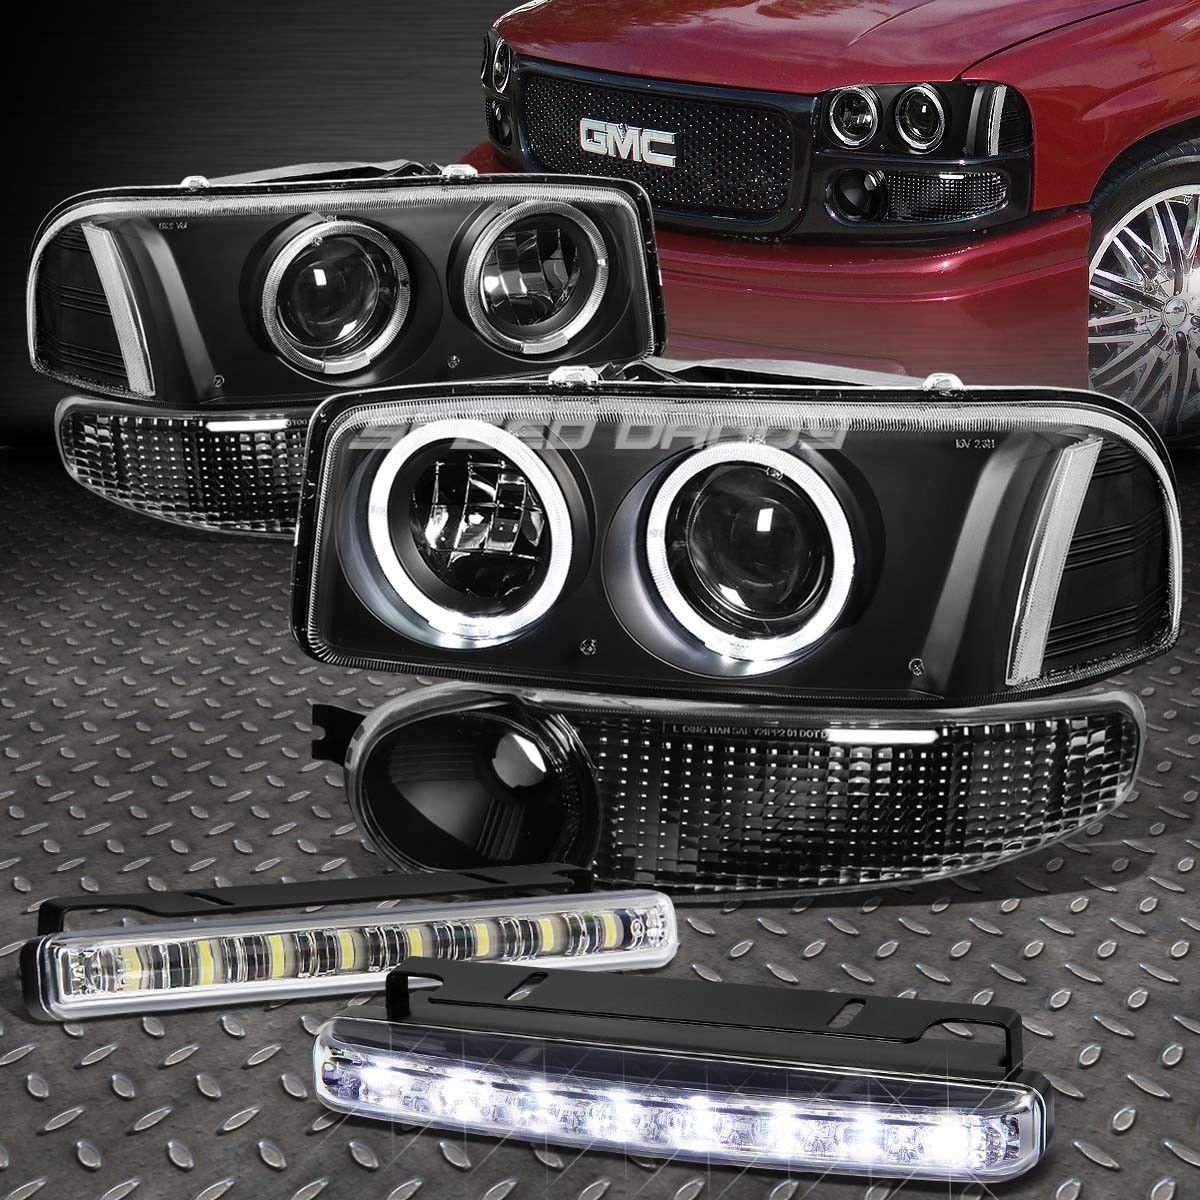 フォグライト BLACK/CLEAR DUAL HALO PROJECTOR HEADLIGHT+LED FOG LIGHT FOR 00-07 SIERRA DENALI ブラック/クリアデュアルハロープロジェクターヘッドライト+ LED FOGライト、00?07シエラデナリ